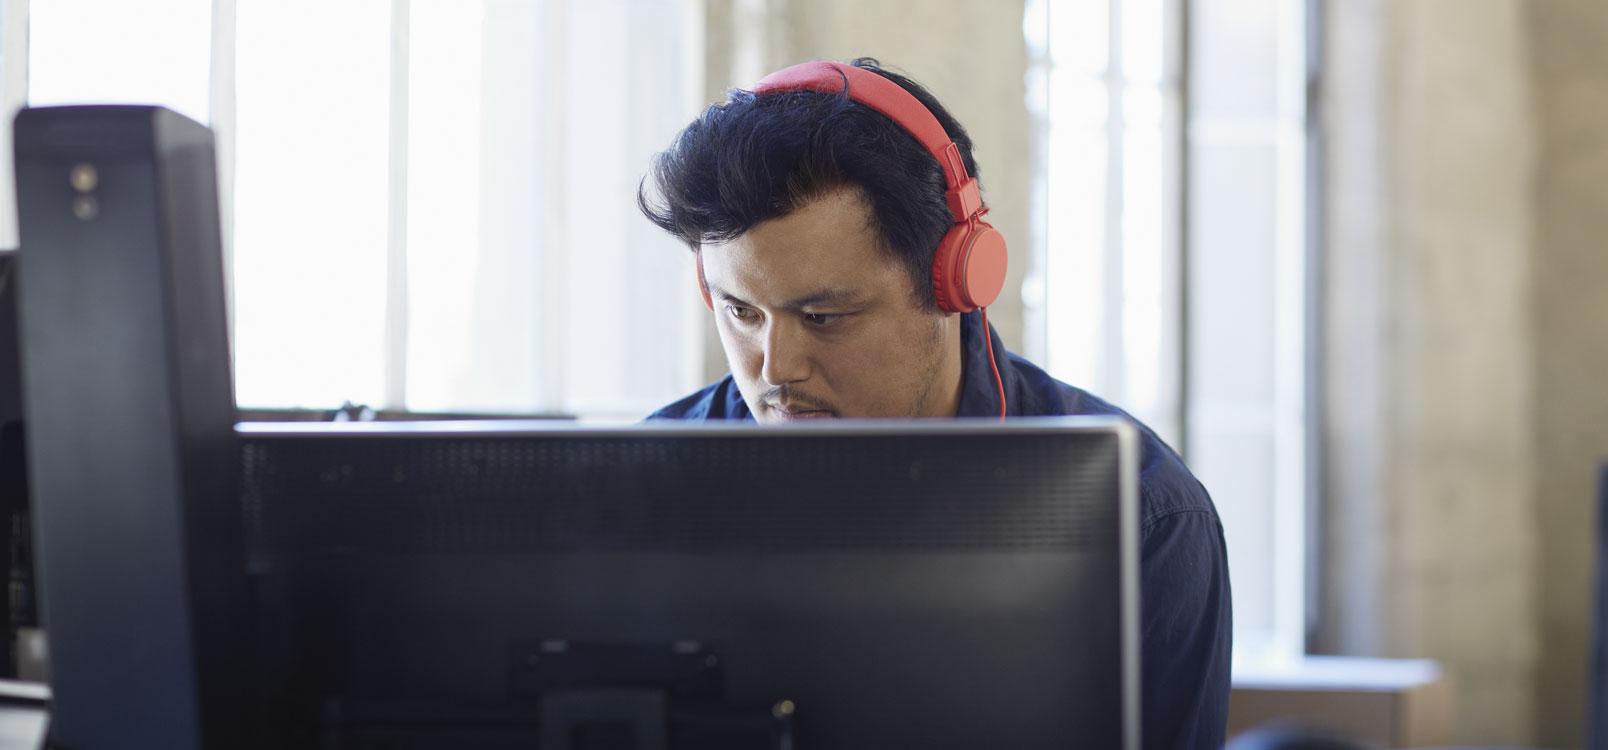 Muž so slúchadlami pracujúci vstolnom počítači apoužívajúci služby Office 365 na zjednodušenie IT.